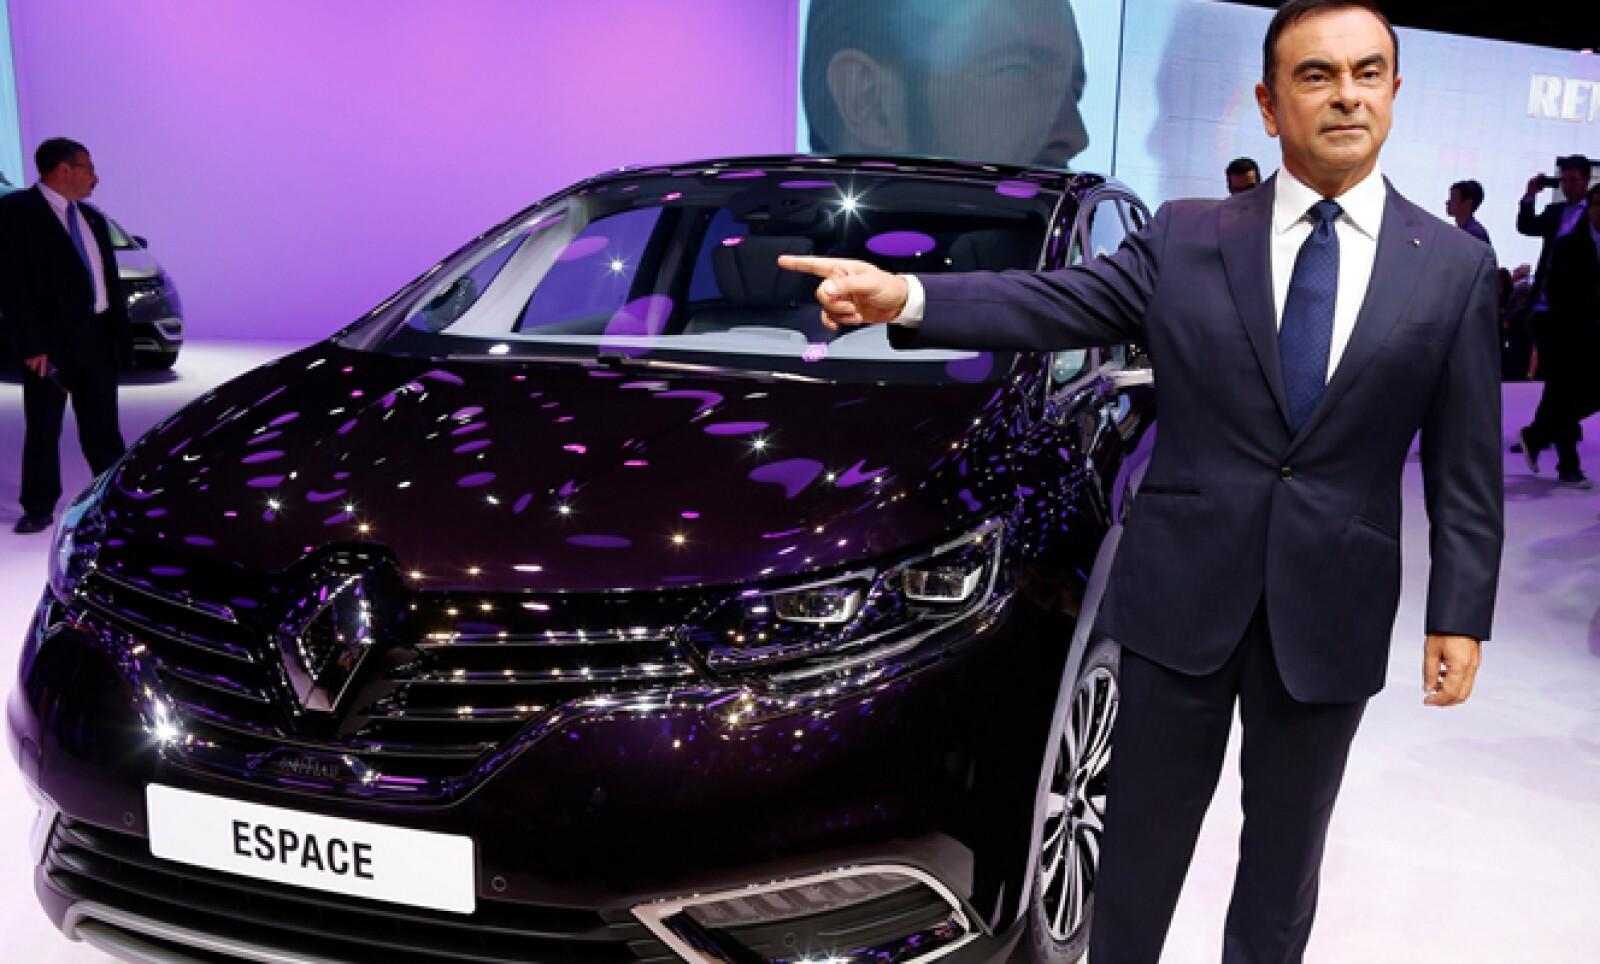 El Auto Show de París se celebrará del 4 al 19 de octubre, donde las automotrices revelarán sus prototipos y sus apuestas de cuatro ruedas.